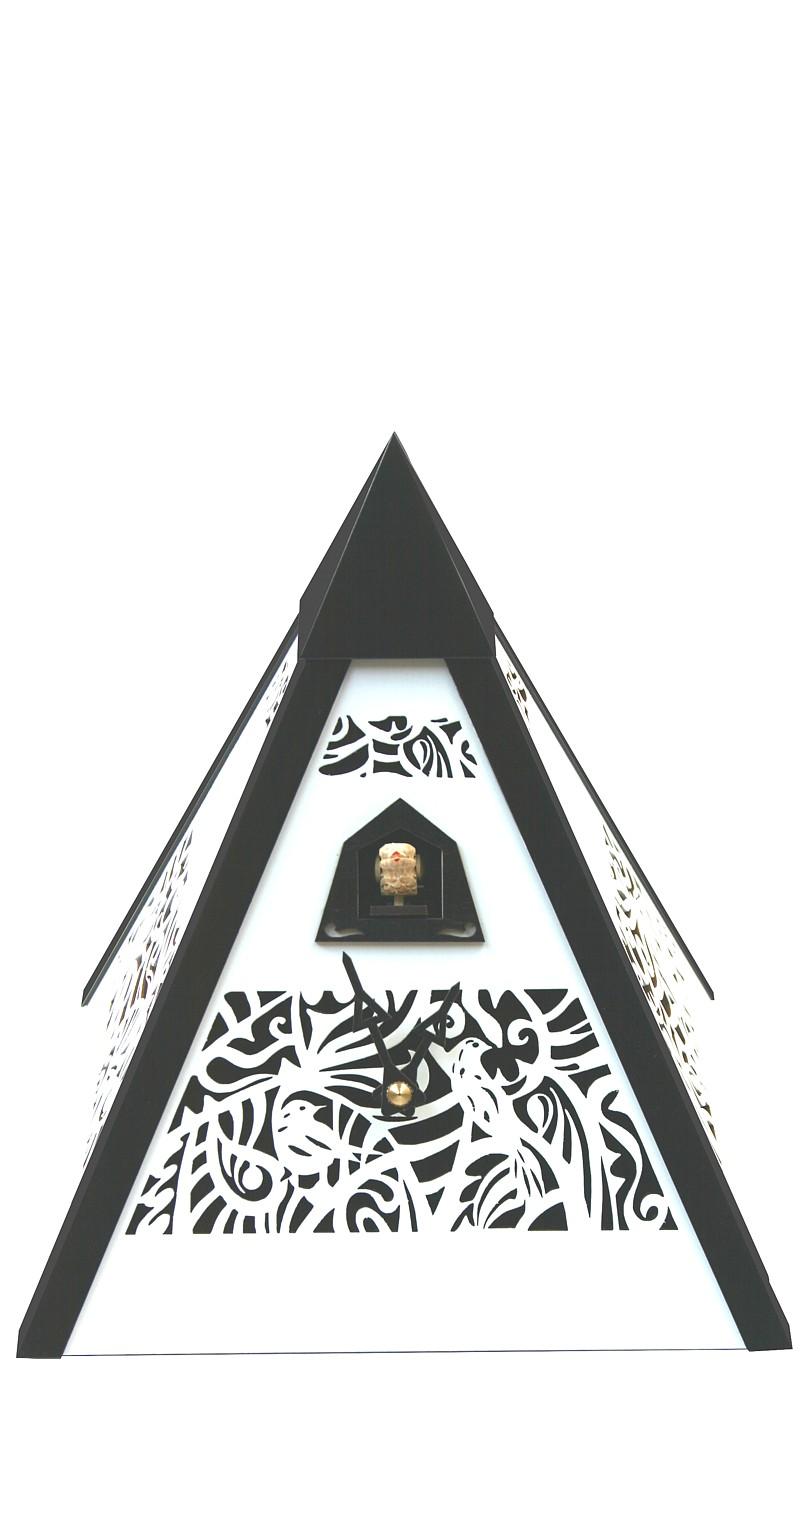 moderne quarz kuckucksuhr pyramide schwarz wei. Black Bedroom Furniture Sets. Home Design Ideas